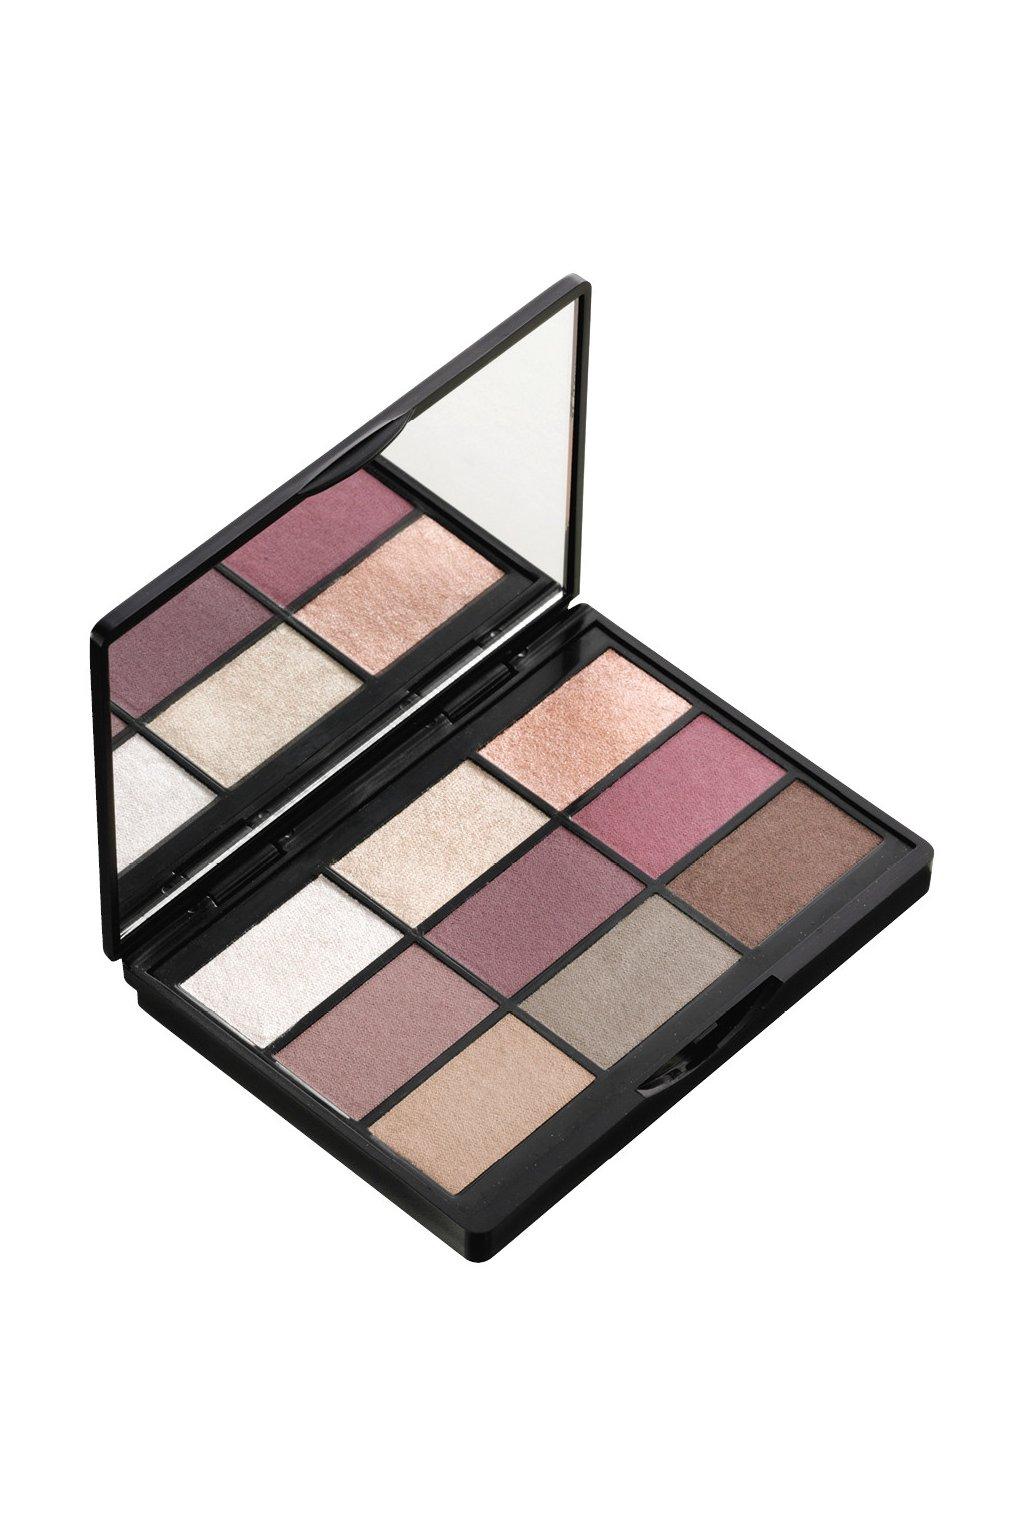 gosh 9 shades palette paleta ocnich stinu se zrcatkem 001 to enjoy the New york